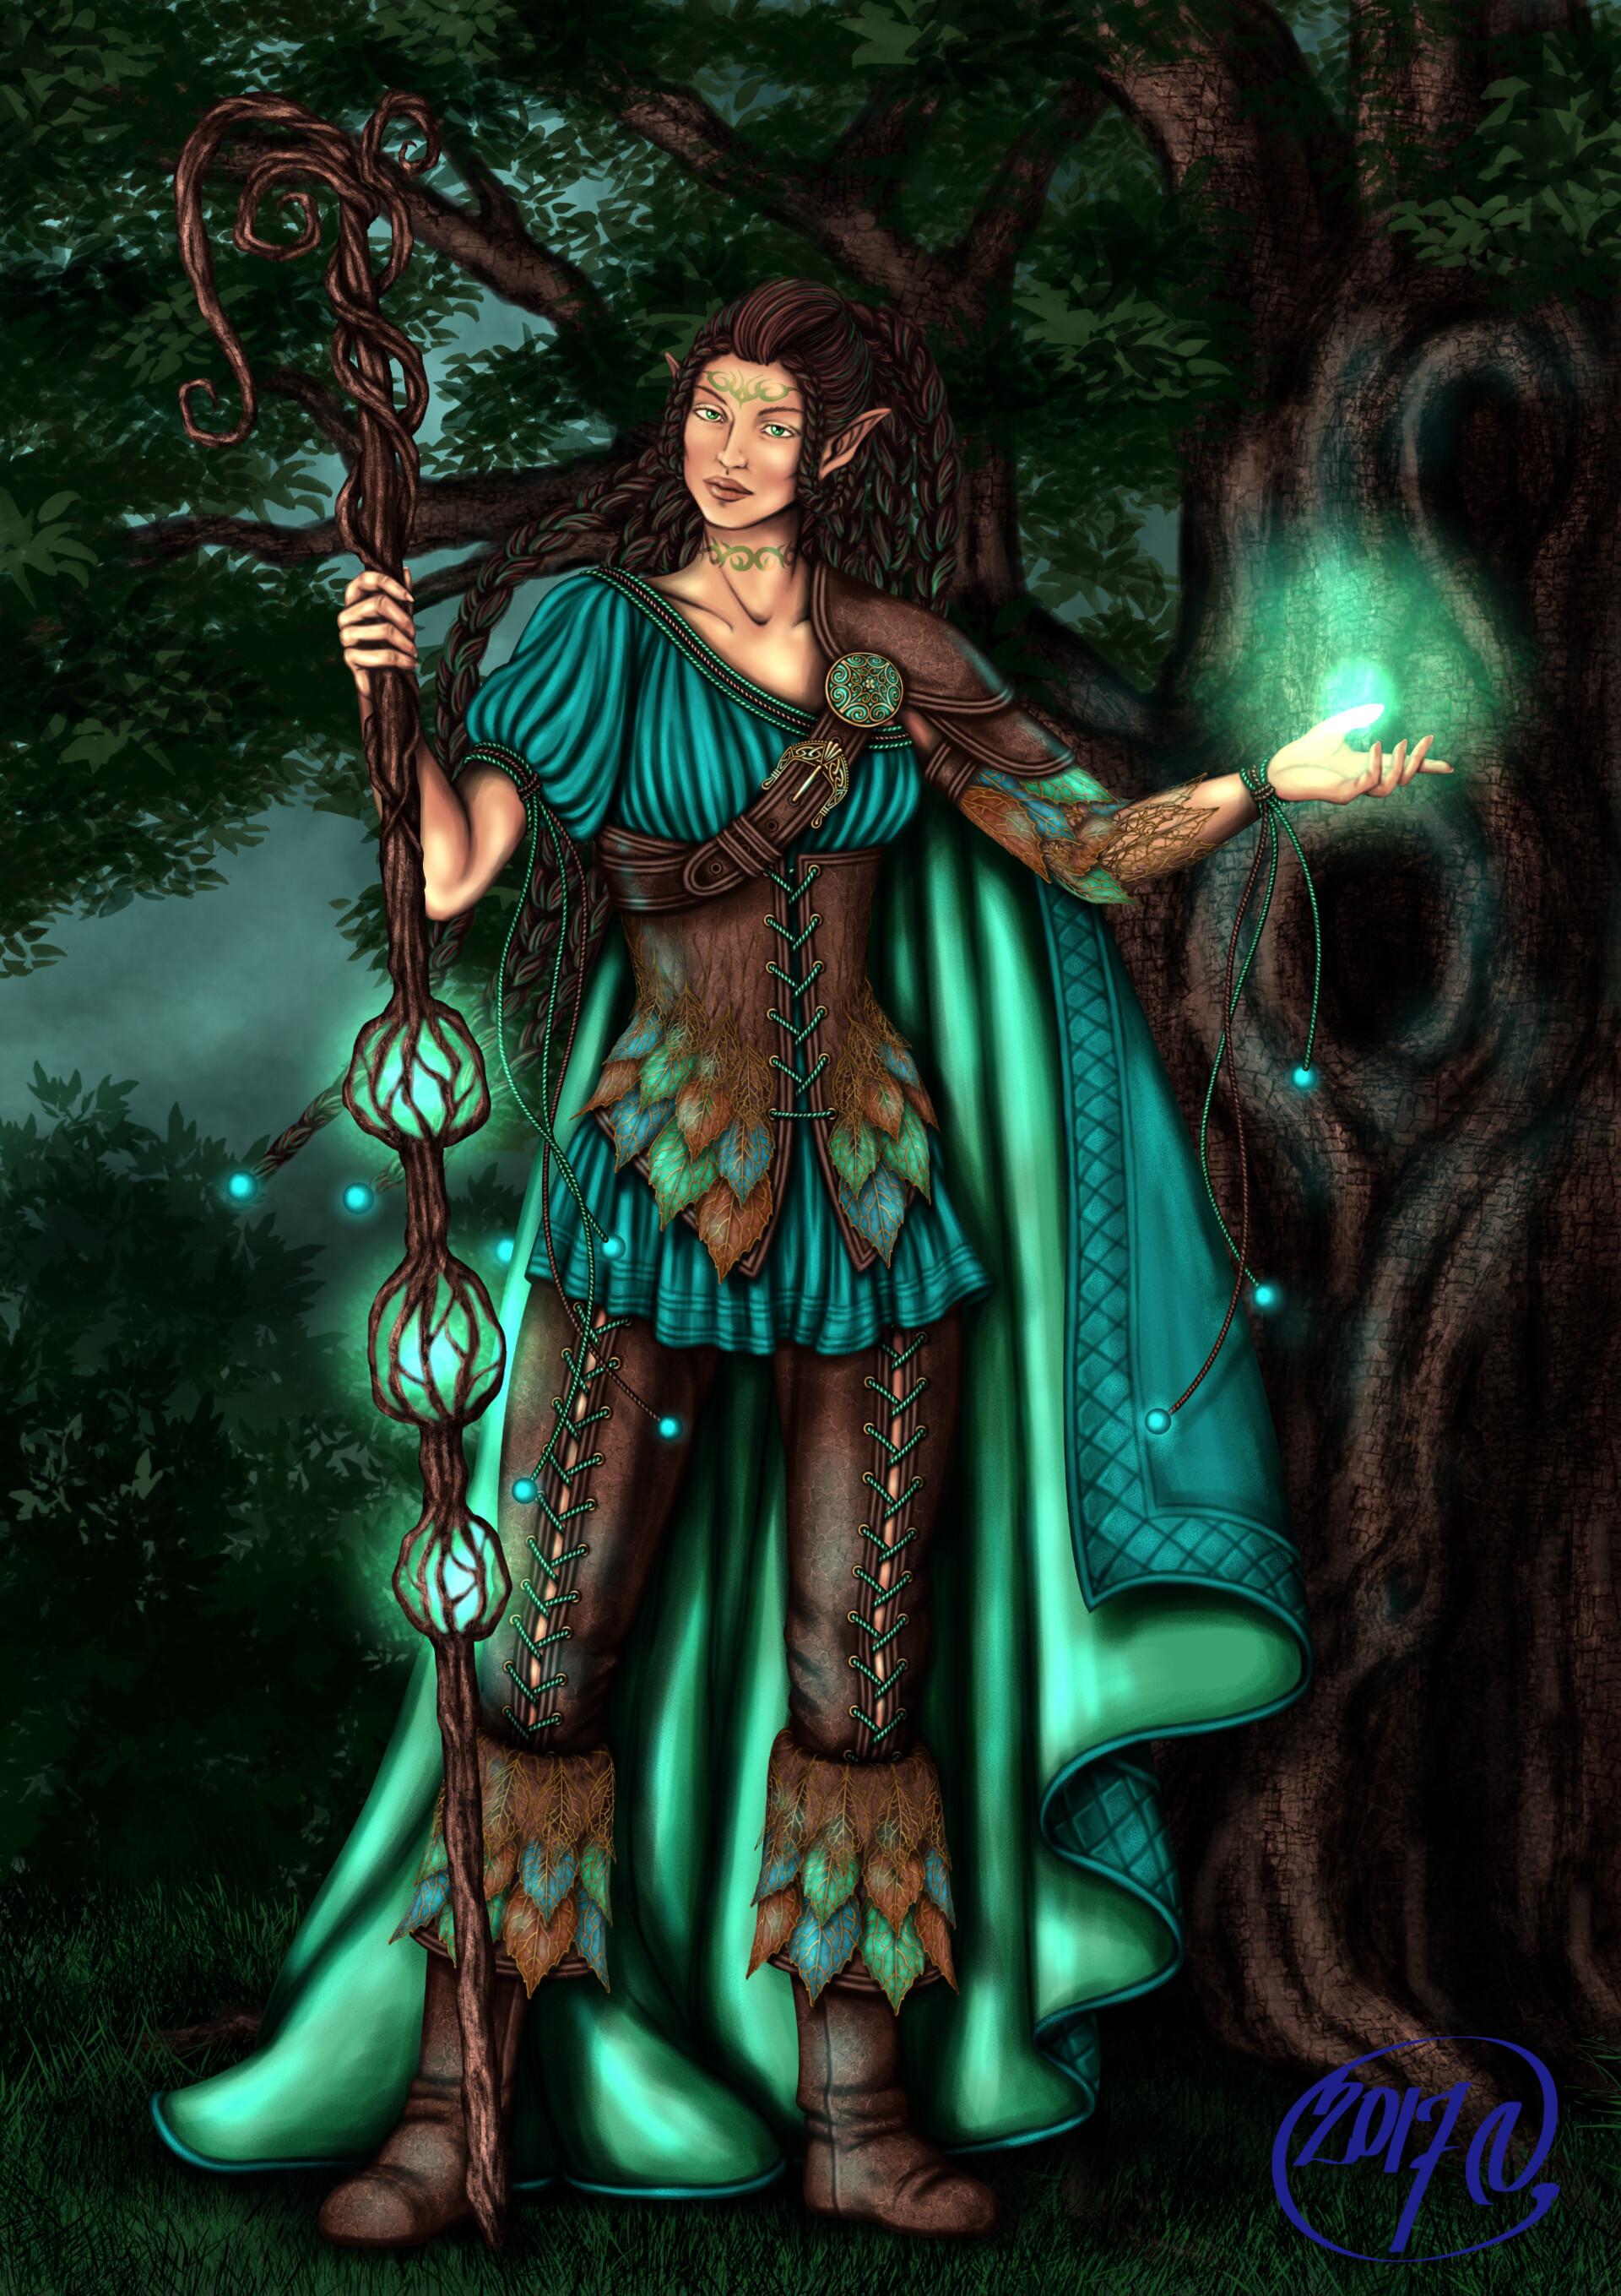 Картинки филли ведьмочек внешностью